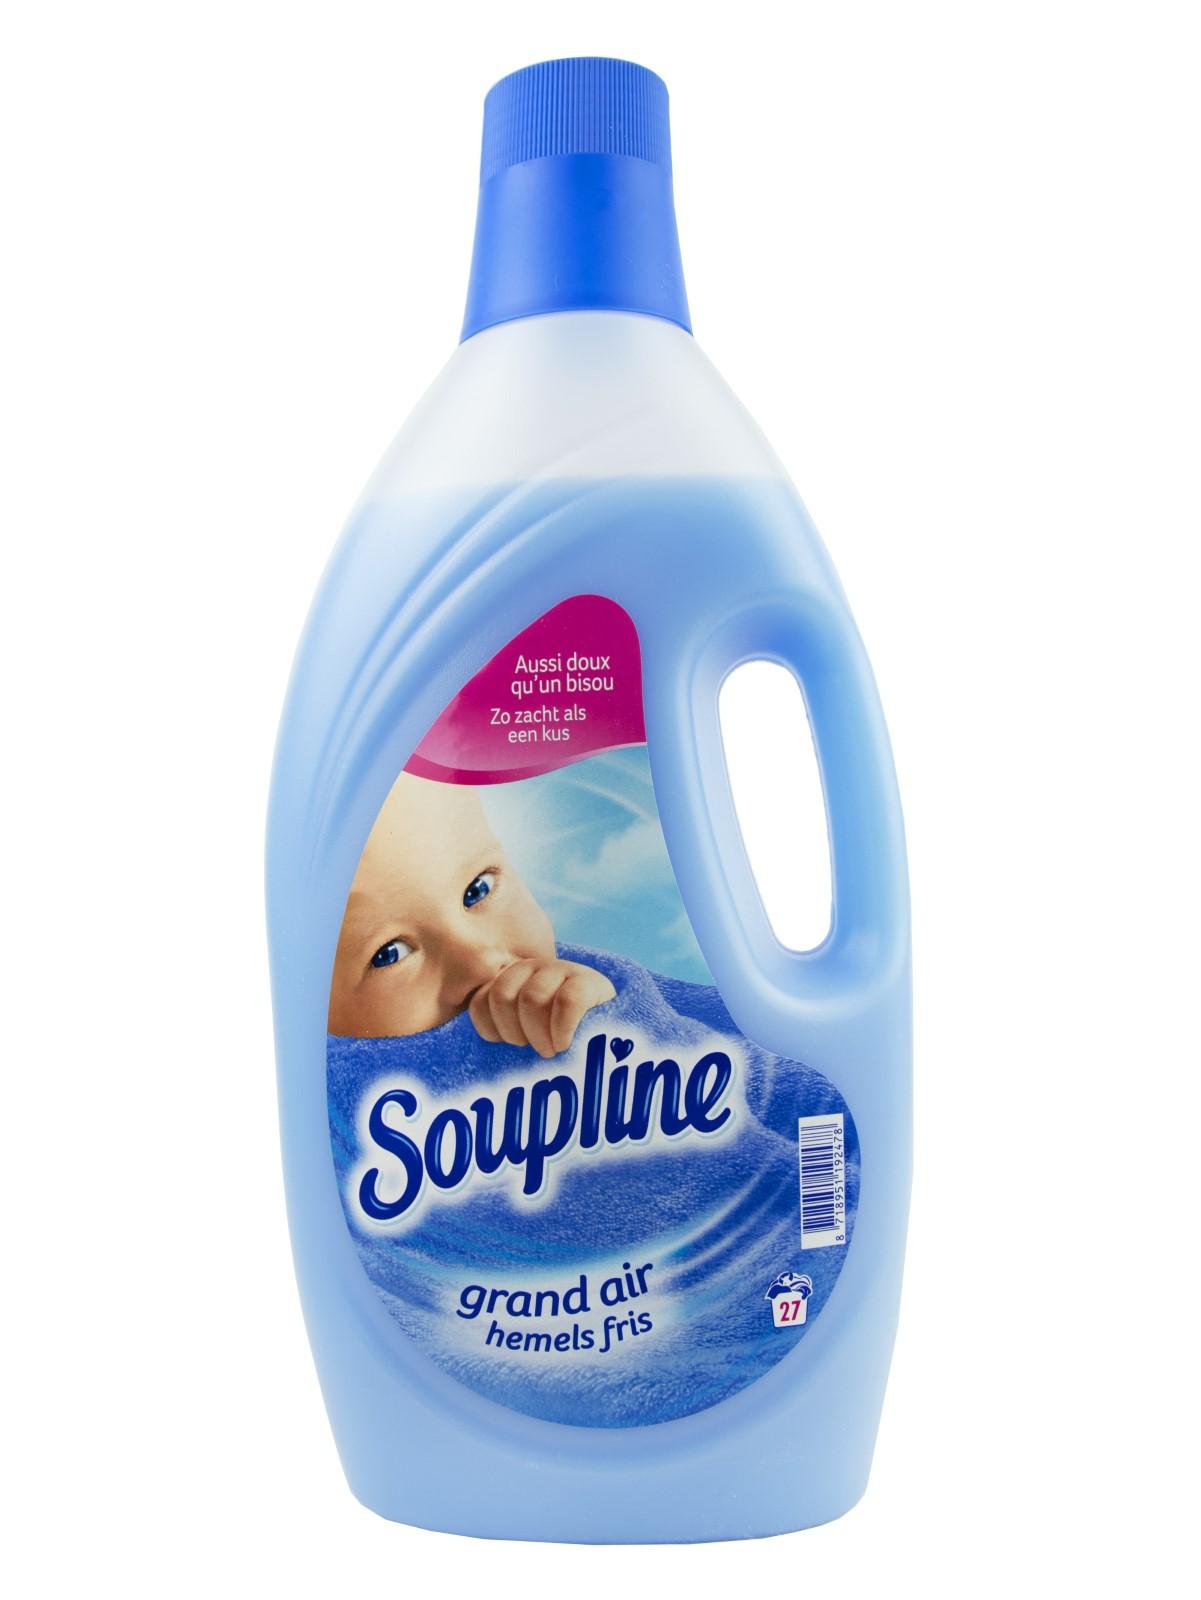 Кондиционер, ополаскиватель Soupline Смягчитель для тканей Воздушная свежесть, 1.9 литра 27 доз, Франция